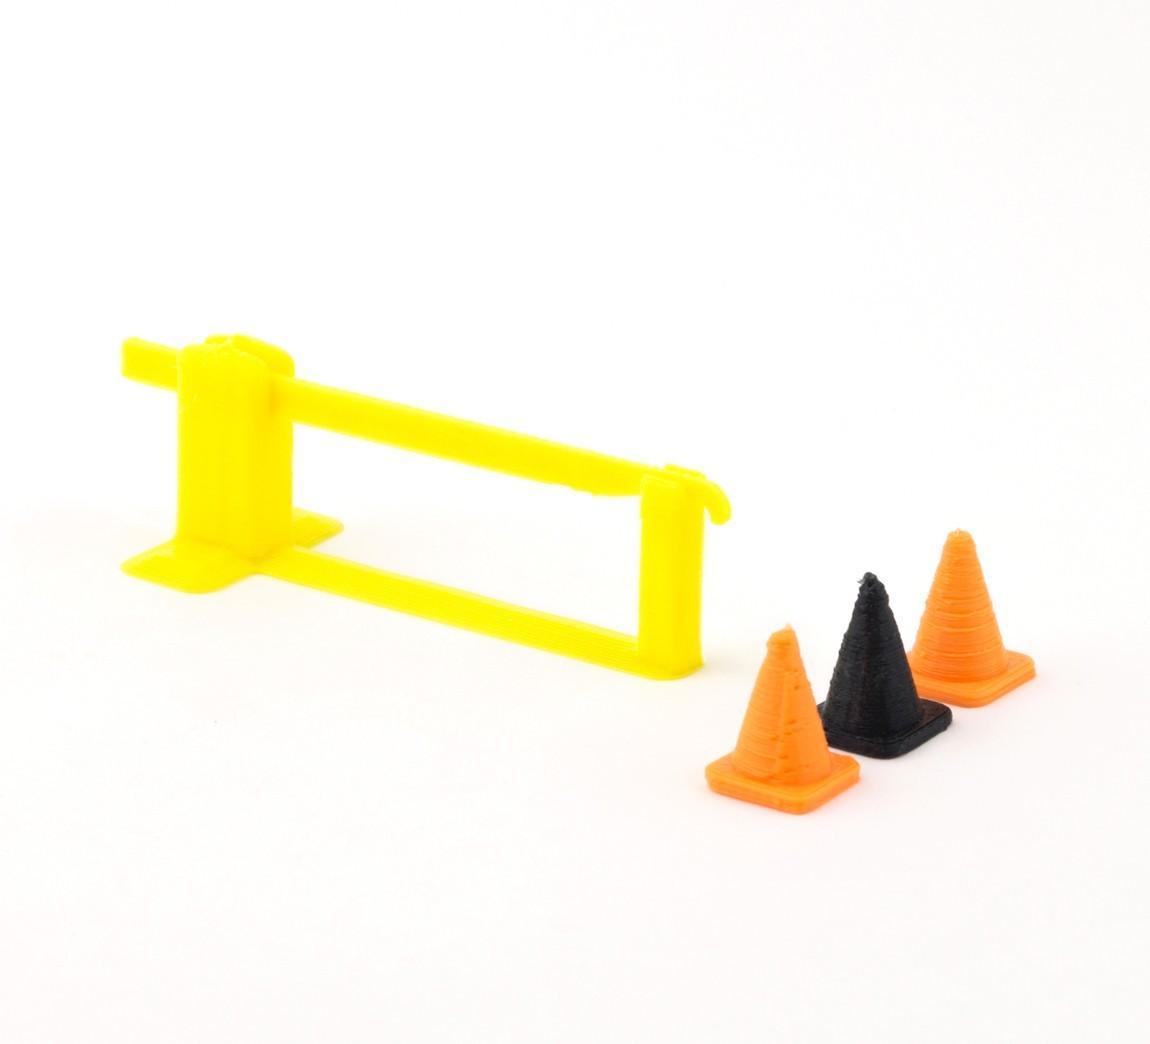 f434db69207f9e8067b8fb7ef7f55044_1449188680817_11.24.15-product-shoot-027.jpg Download free STL file Tiny Traffic Cone • 3D printer object, FerryTeacher